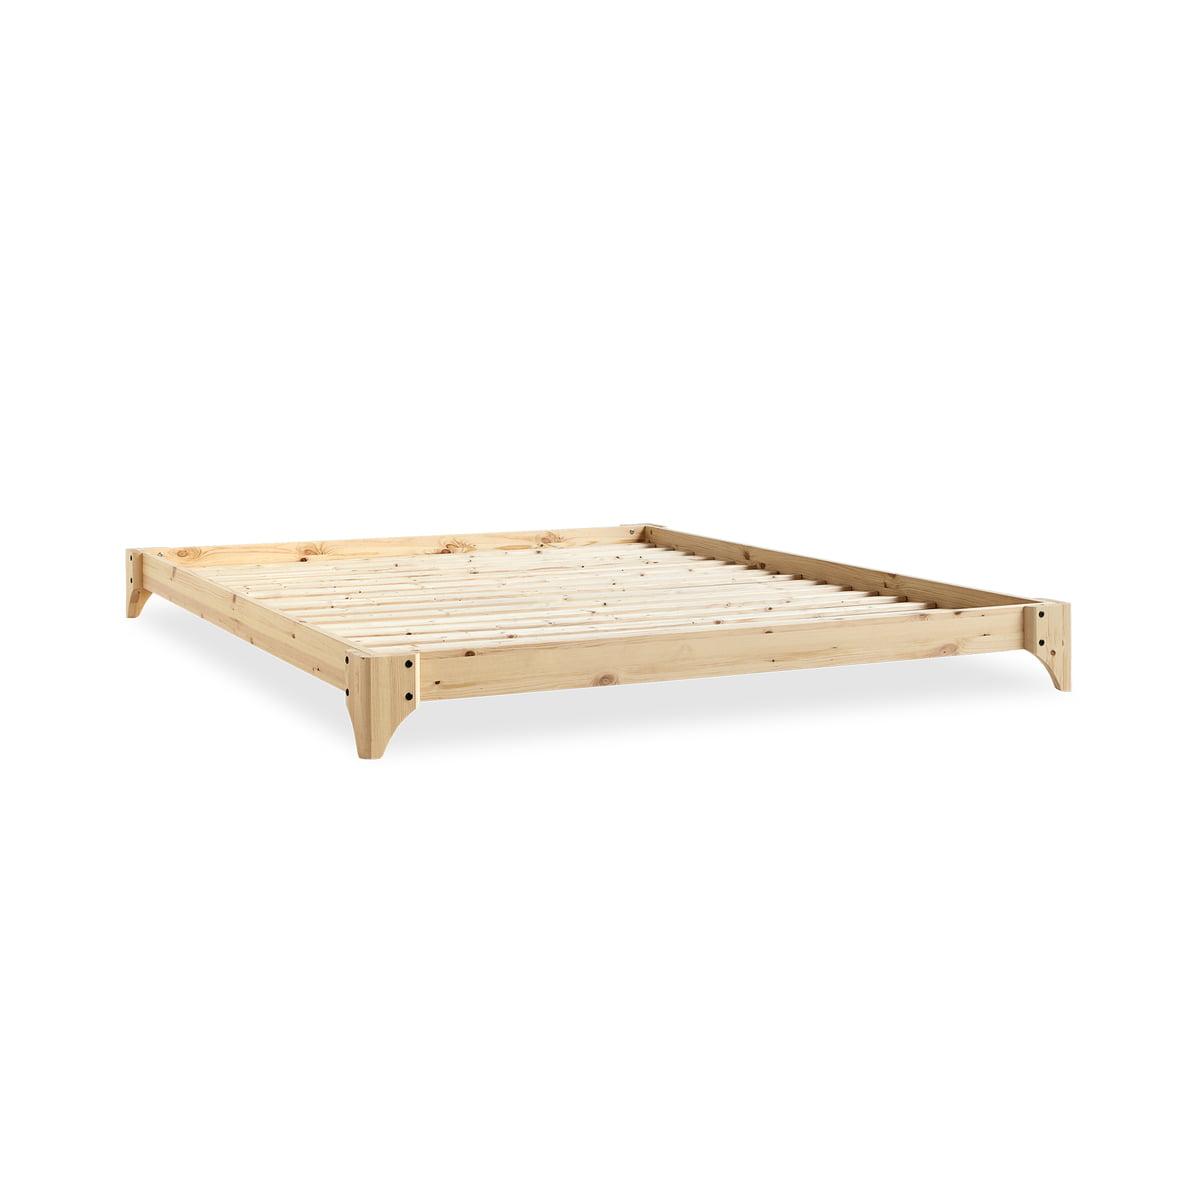 Full Size of Elan Bett Von Karup Design Connox Konfigurieren 140x220 140x200 Bette Floor Sonoma Eiche 160x200 Mit Lattenrost 180x200 Günstig Meise Betten Rauch Bett Bett 1 40